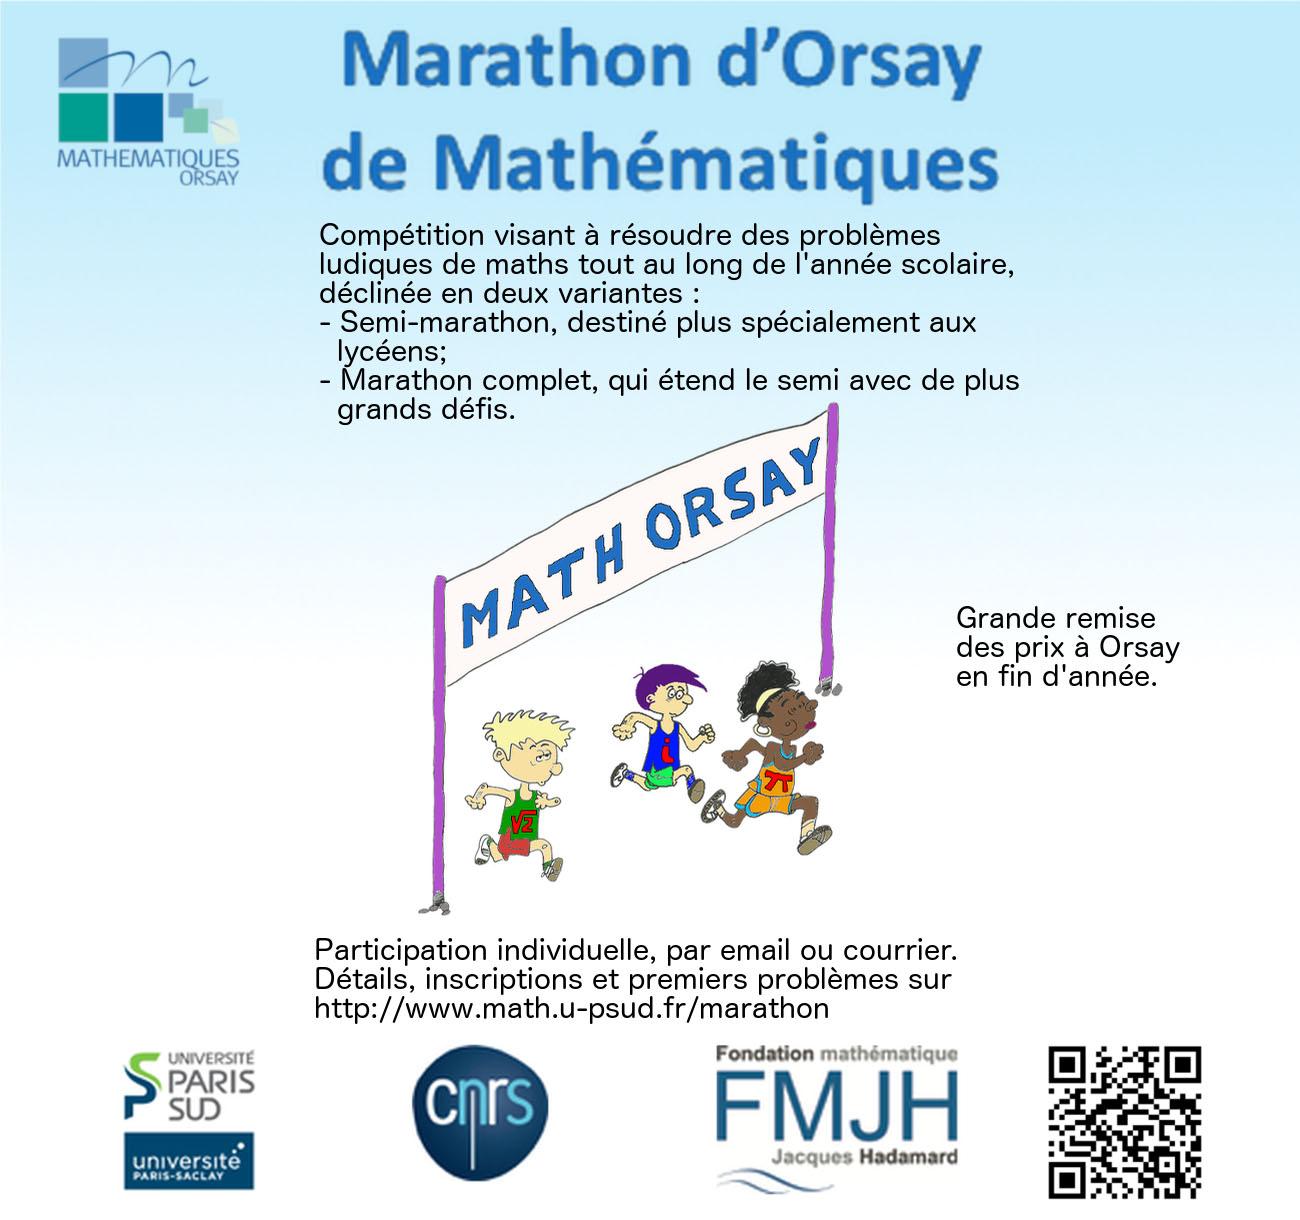 Marathon d'Orsay de Mathématiques